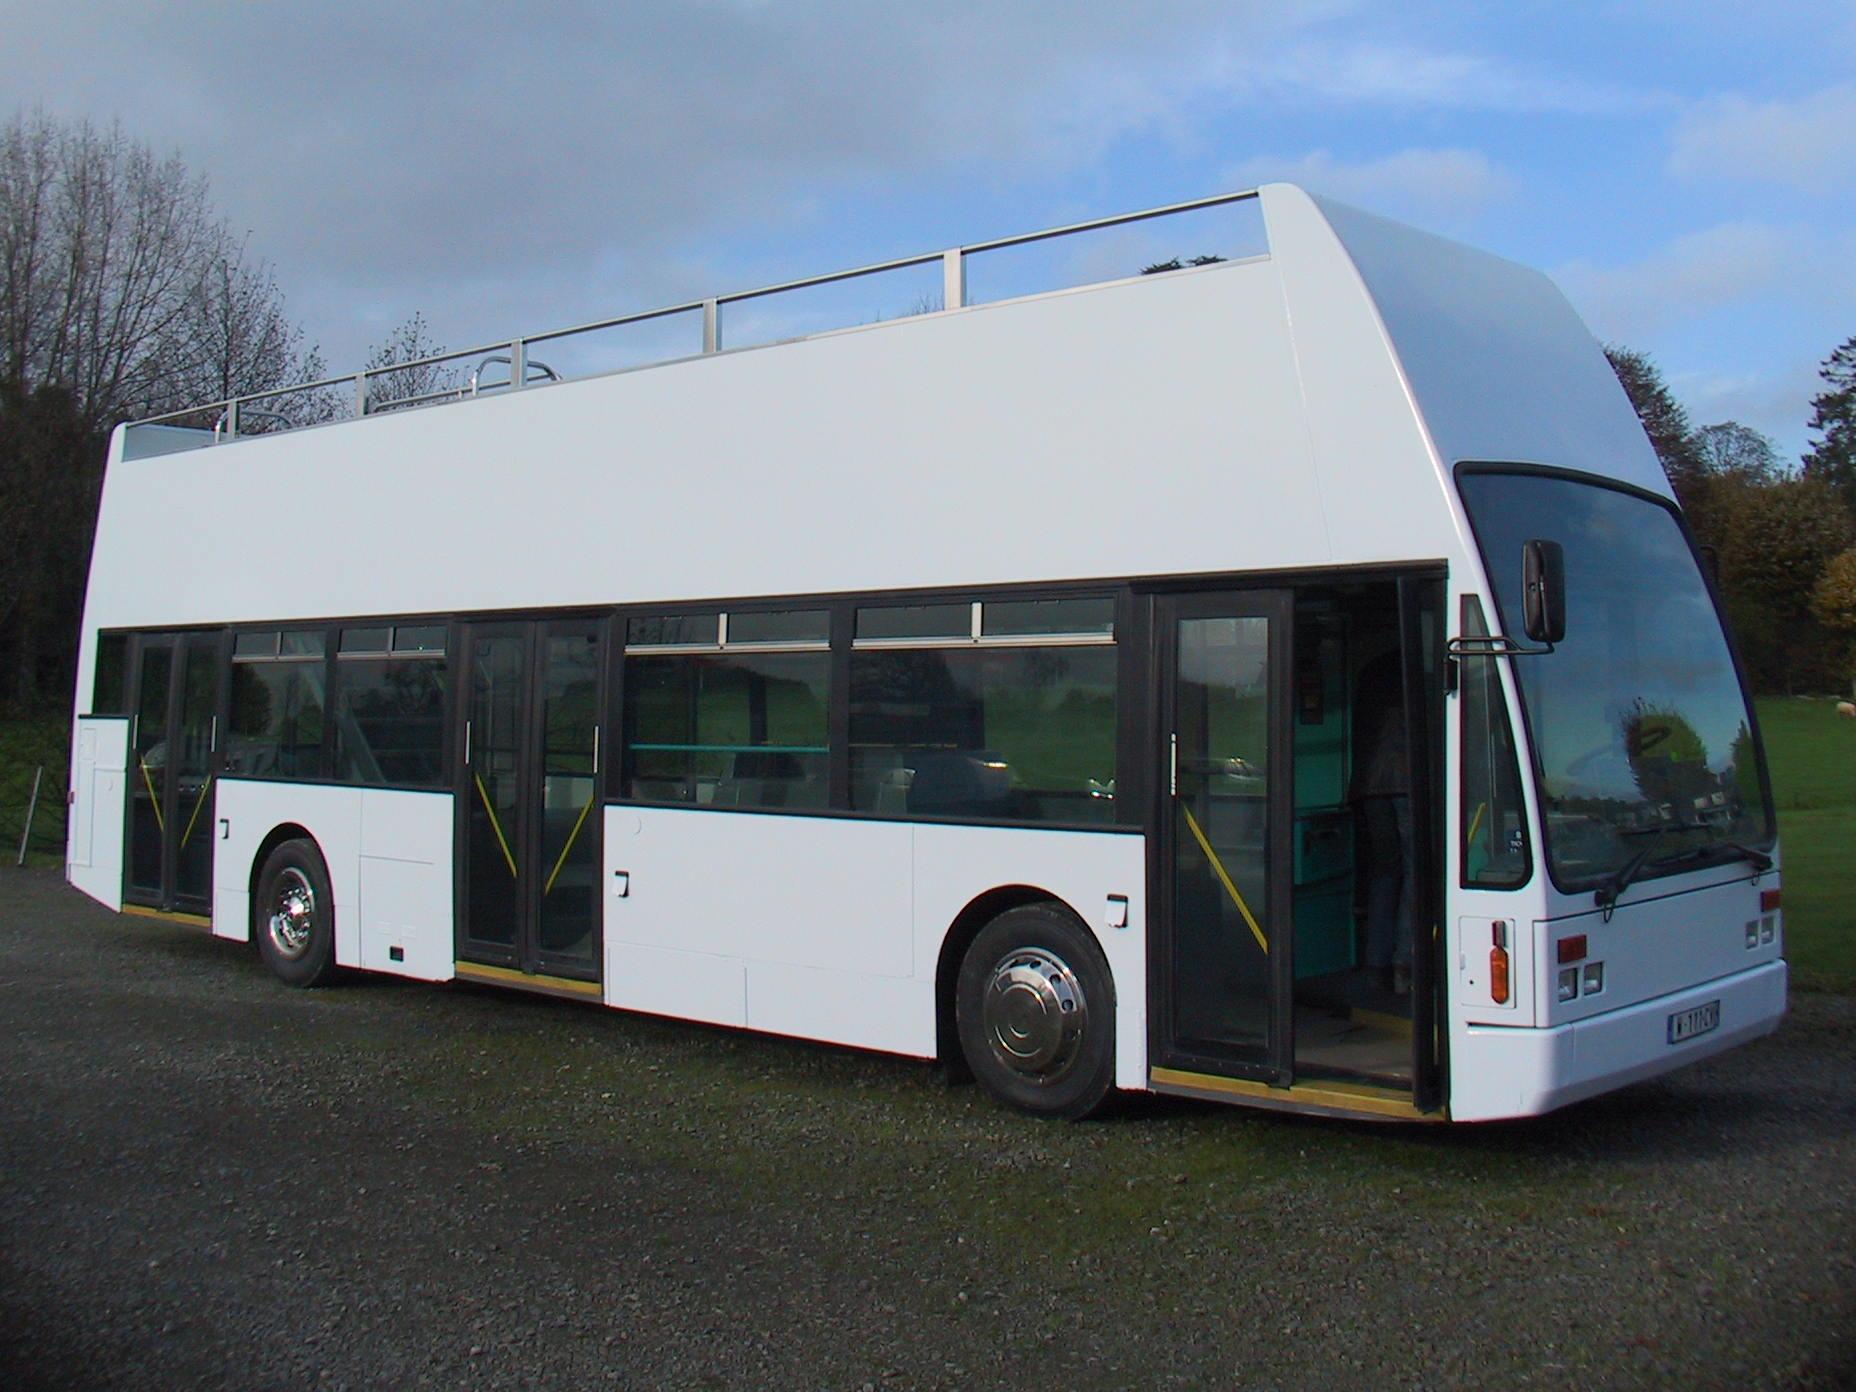 Vans Chardron Véhicule evenementiel Bus avec terrasse